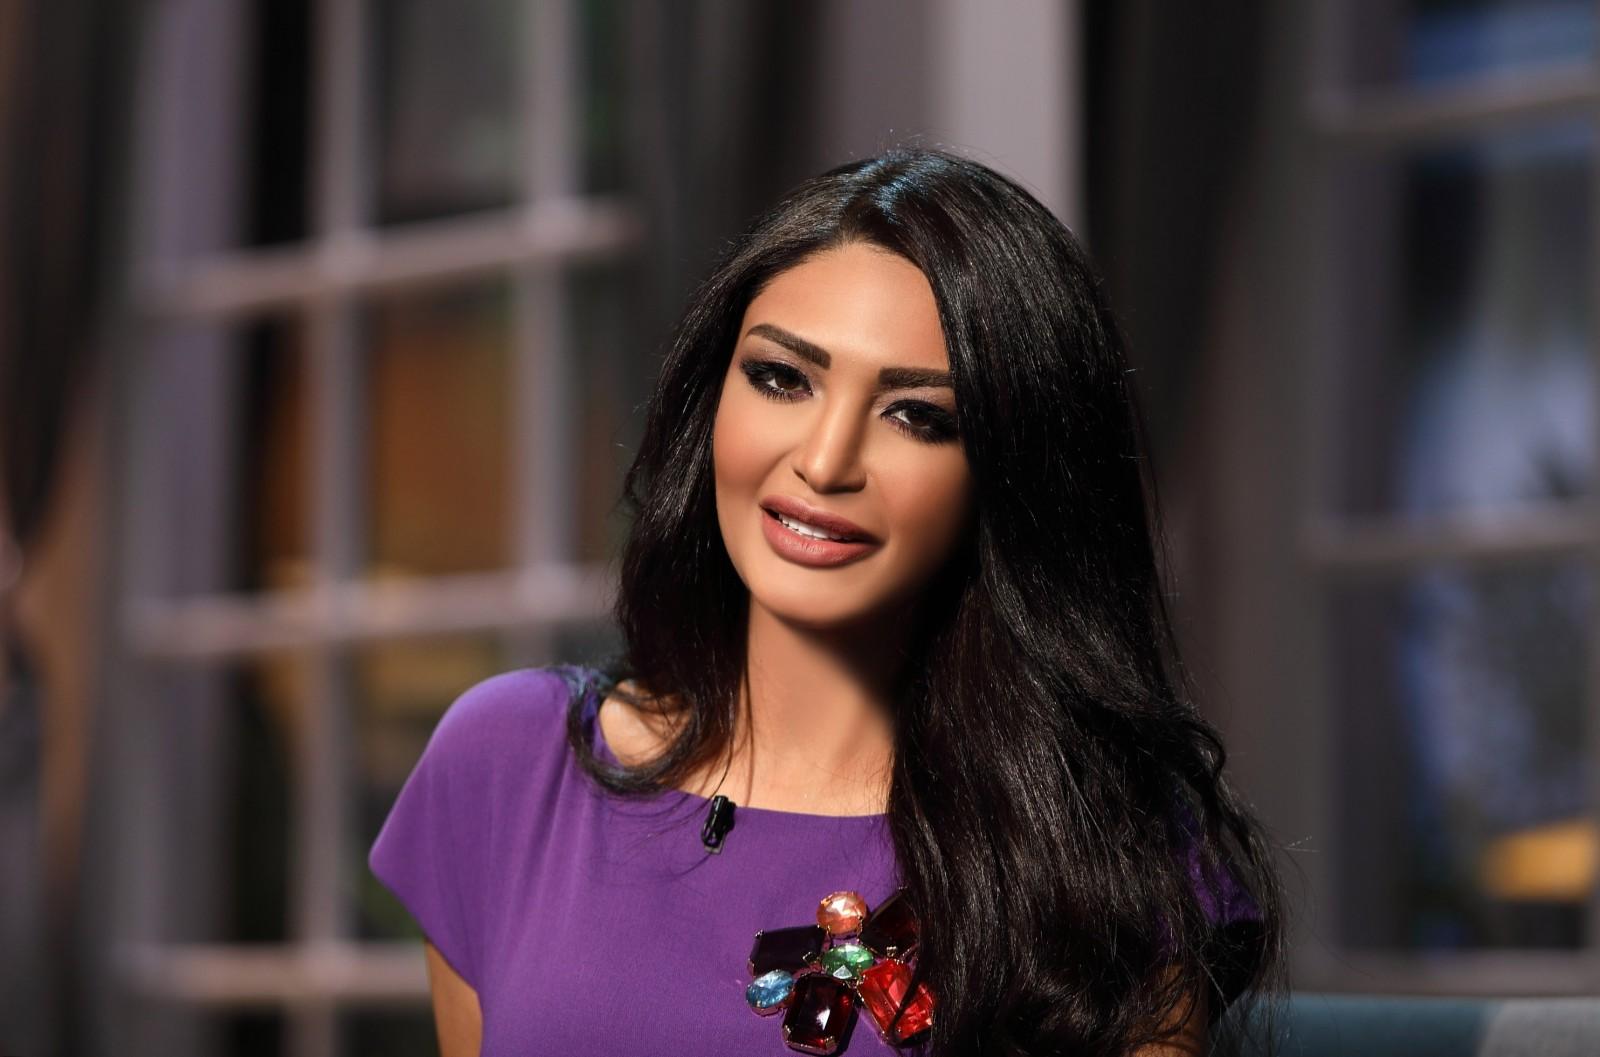 إلى سالي عبد السلام..لبنان بلد الحضارة ولا نسمح لأحد بإهانته